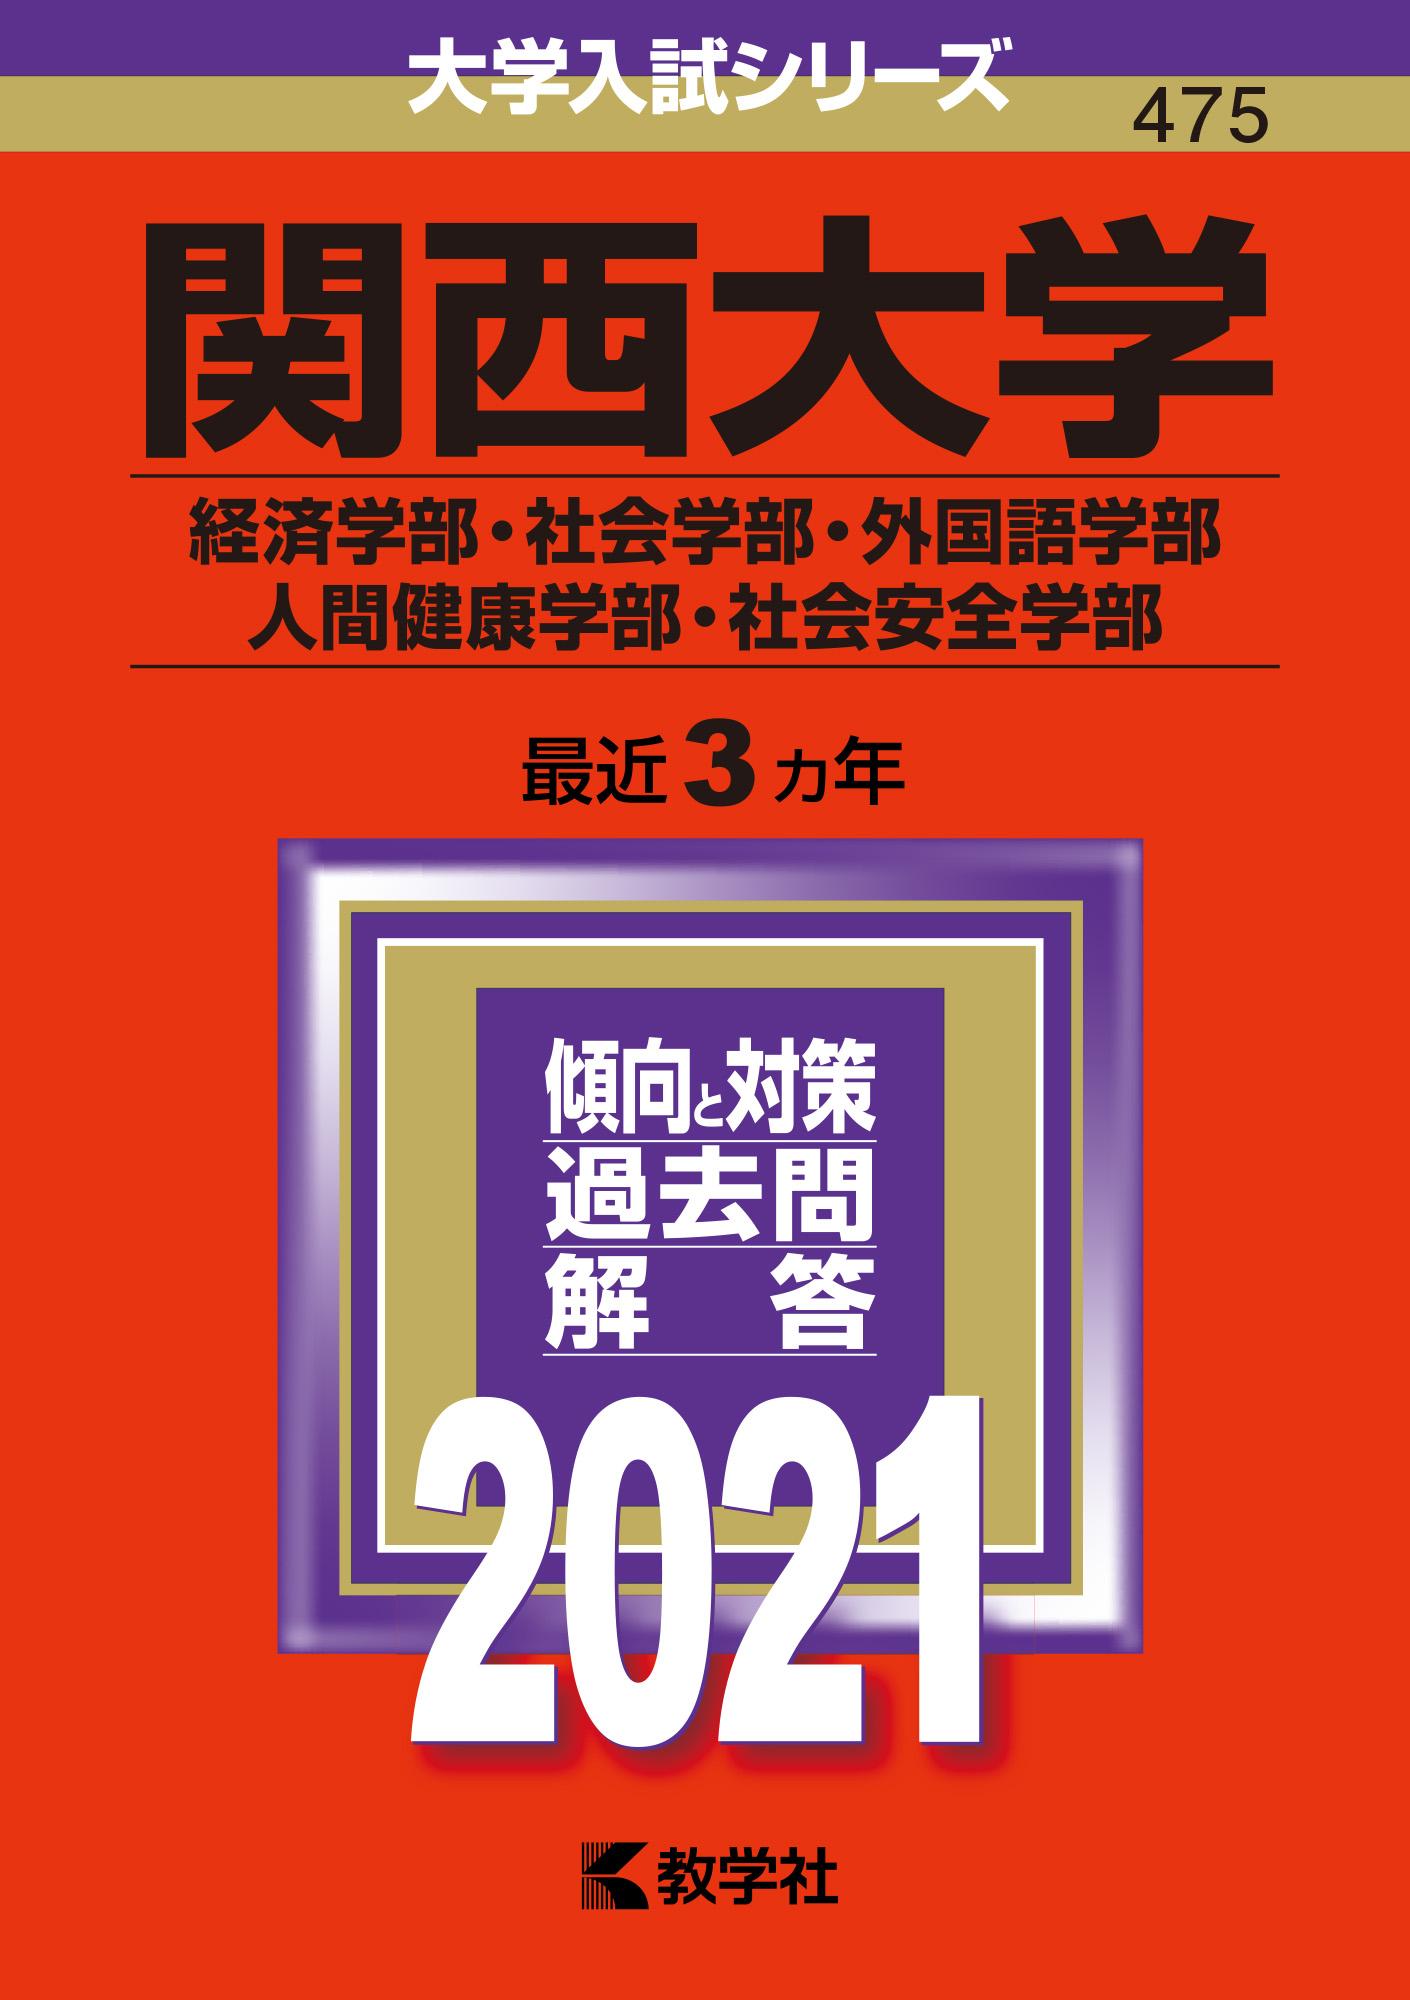 大学 学部 関西 経済